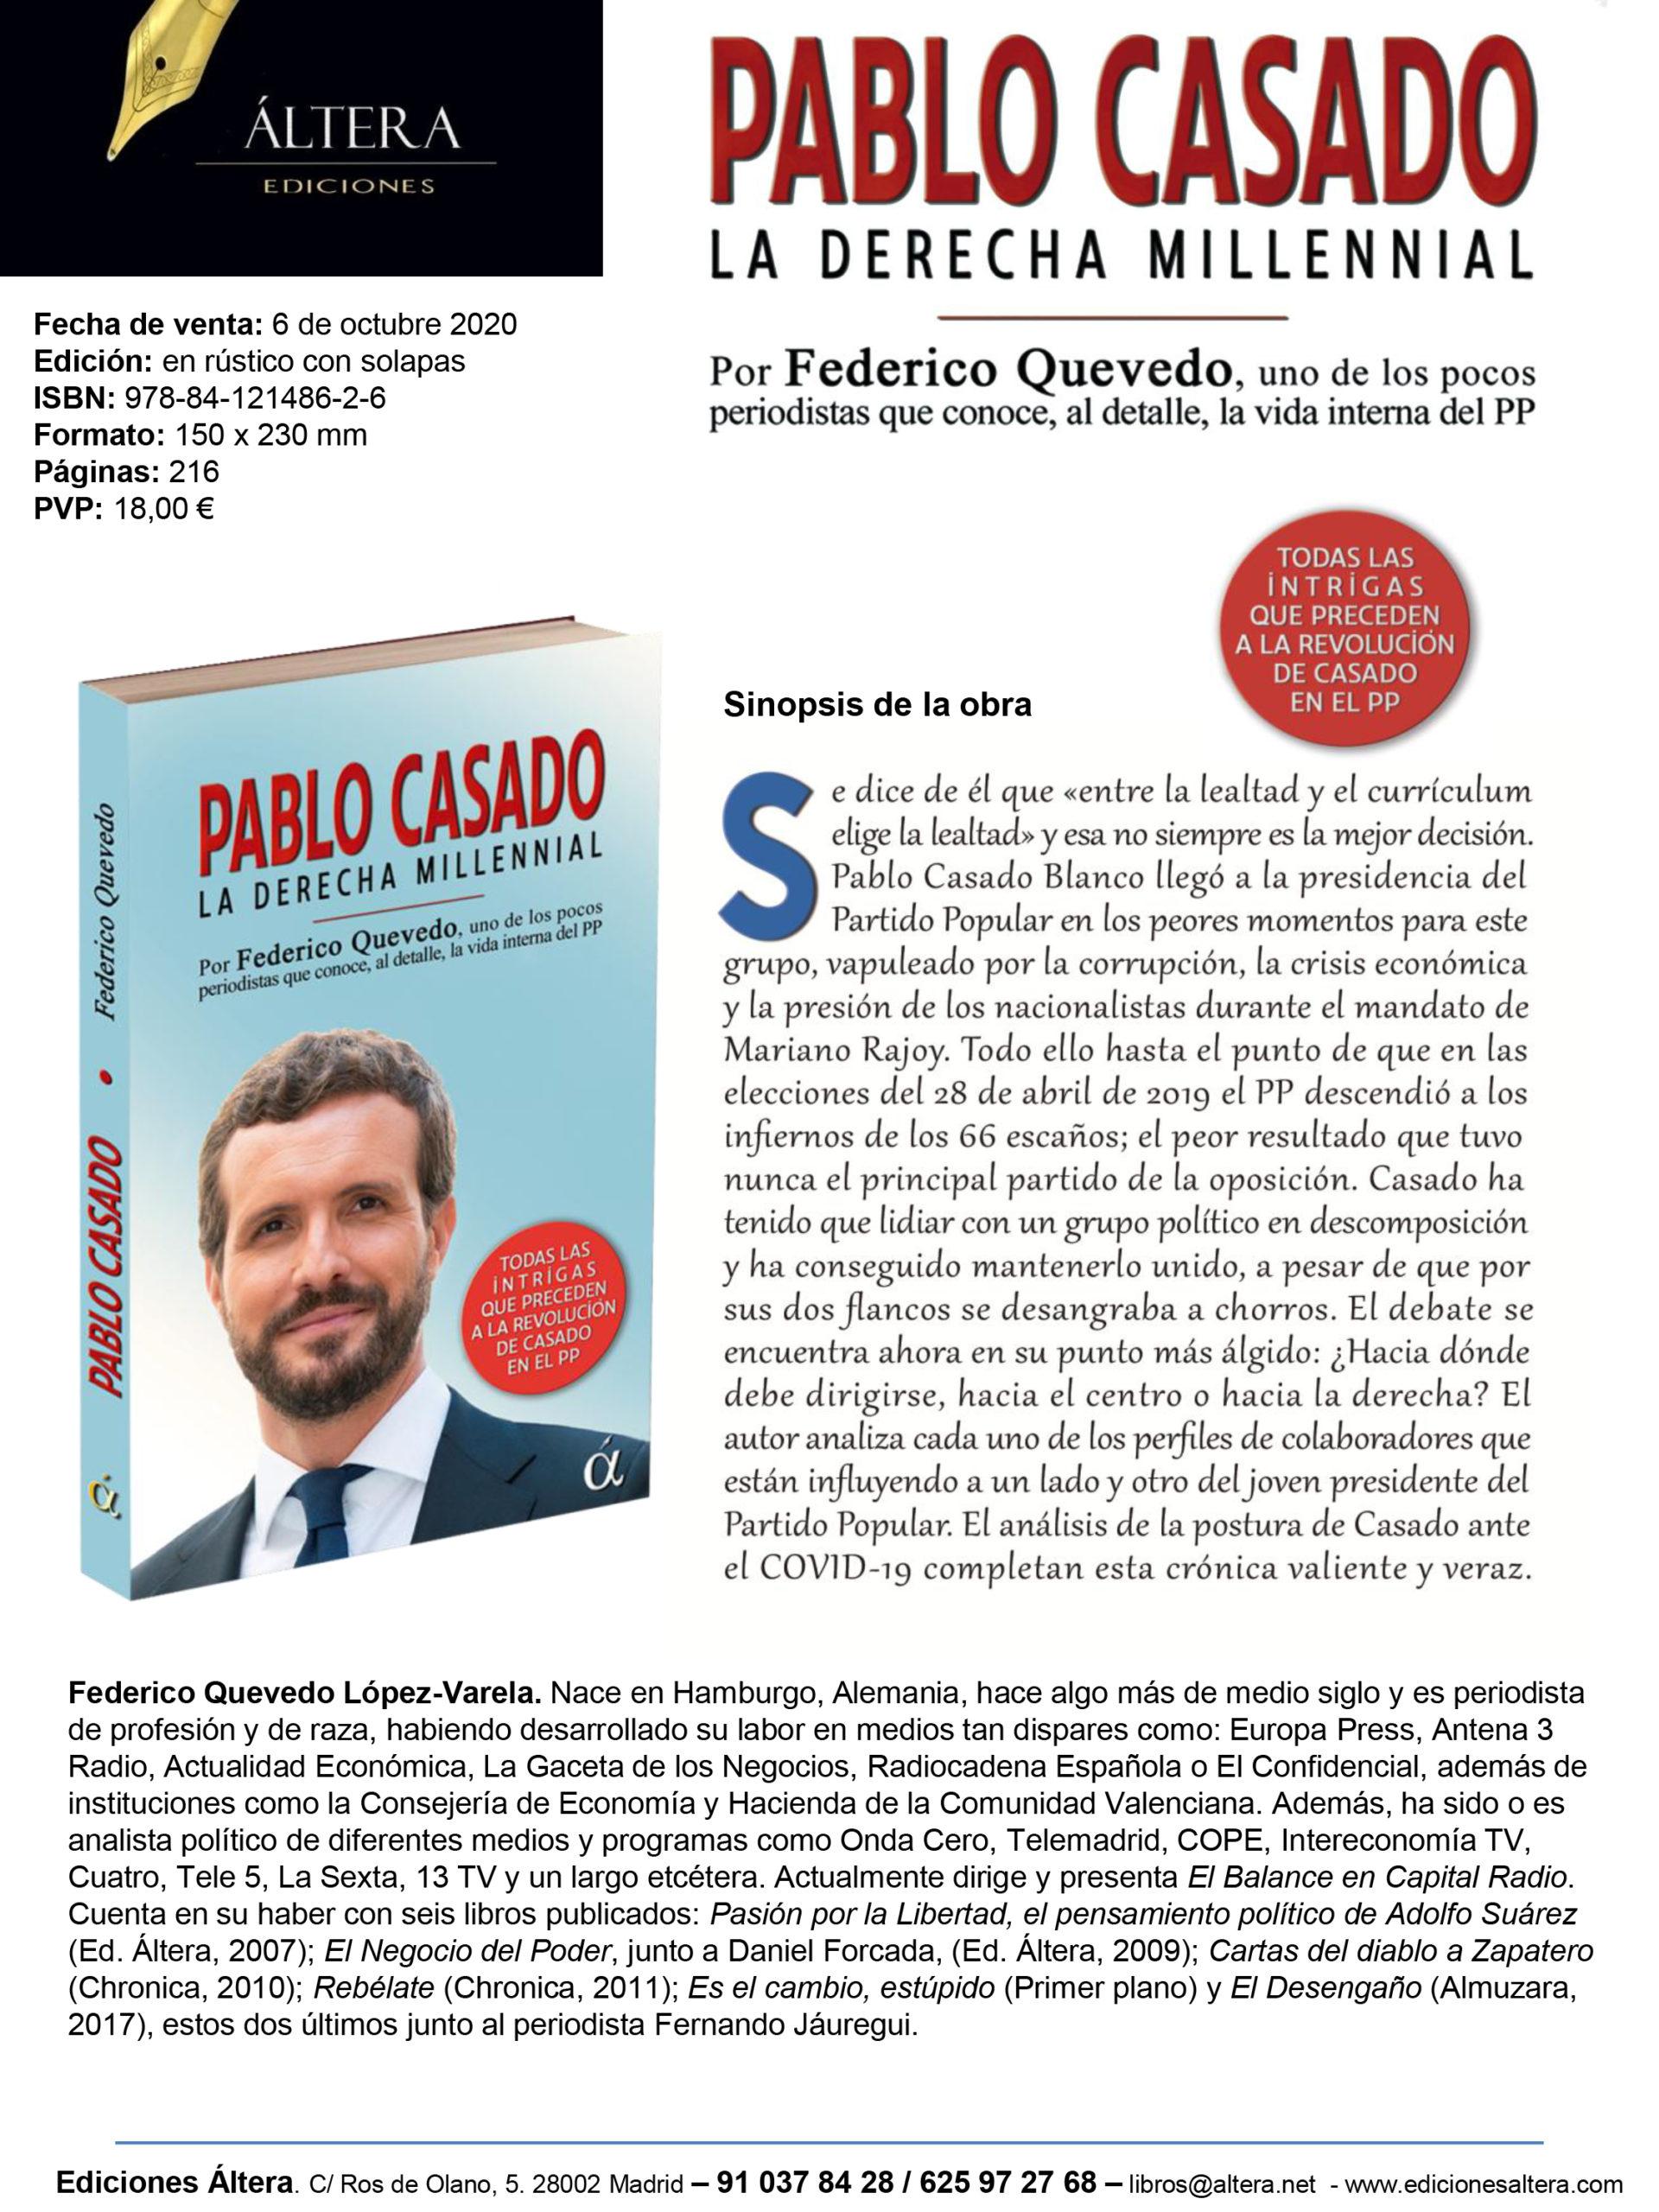 Libro Pablo Casado